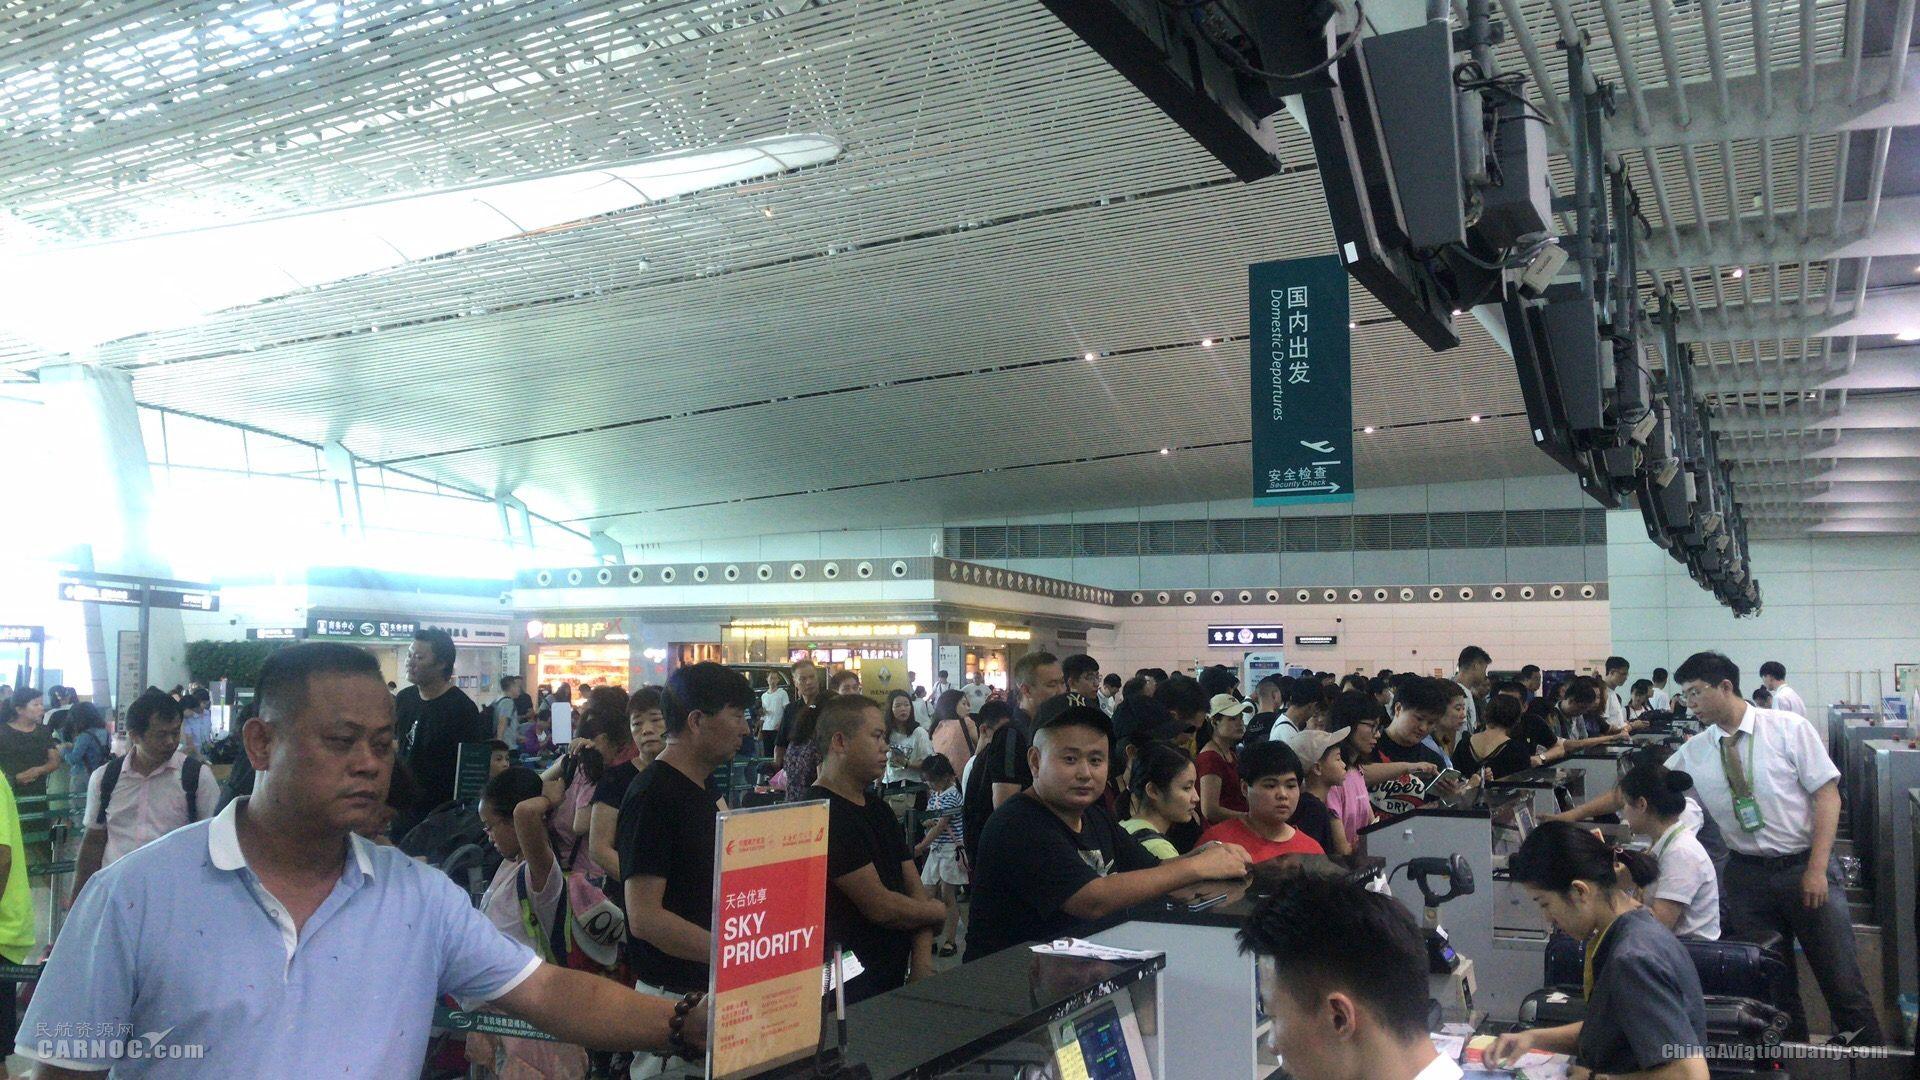 """受台风""""白鹿""""影响 揭阳潮汕机场取消17个航班。揭阳潮汕机场供图"""